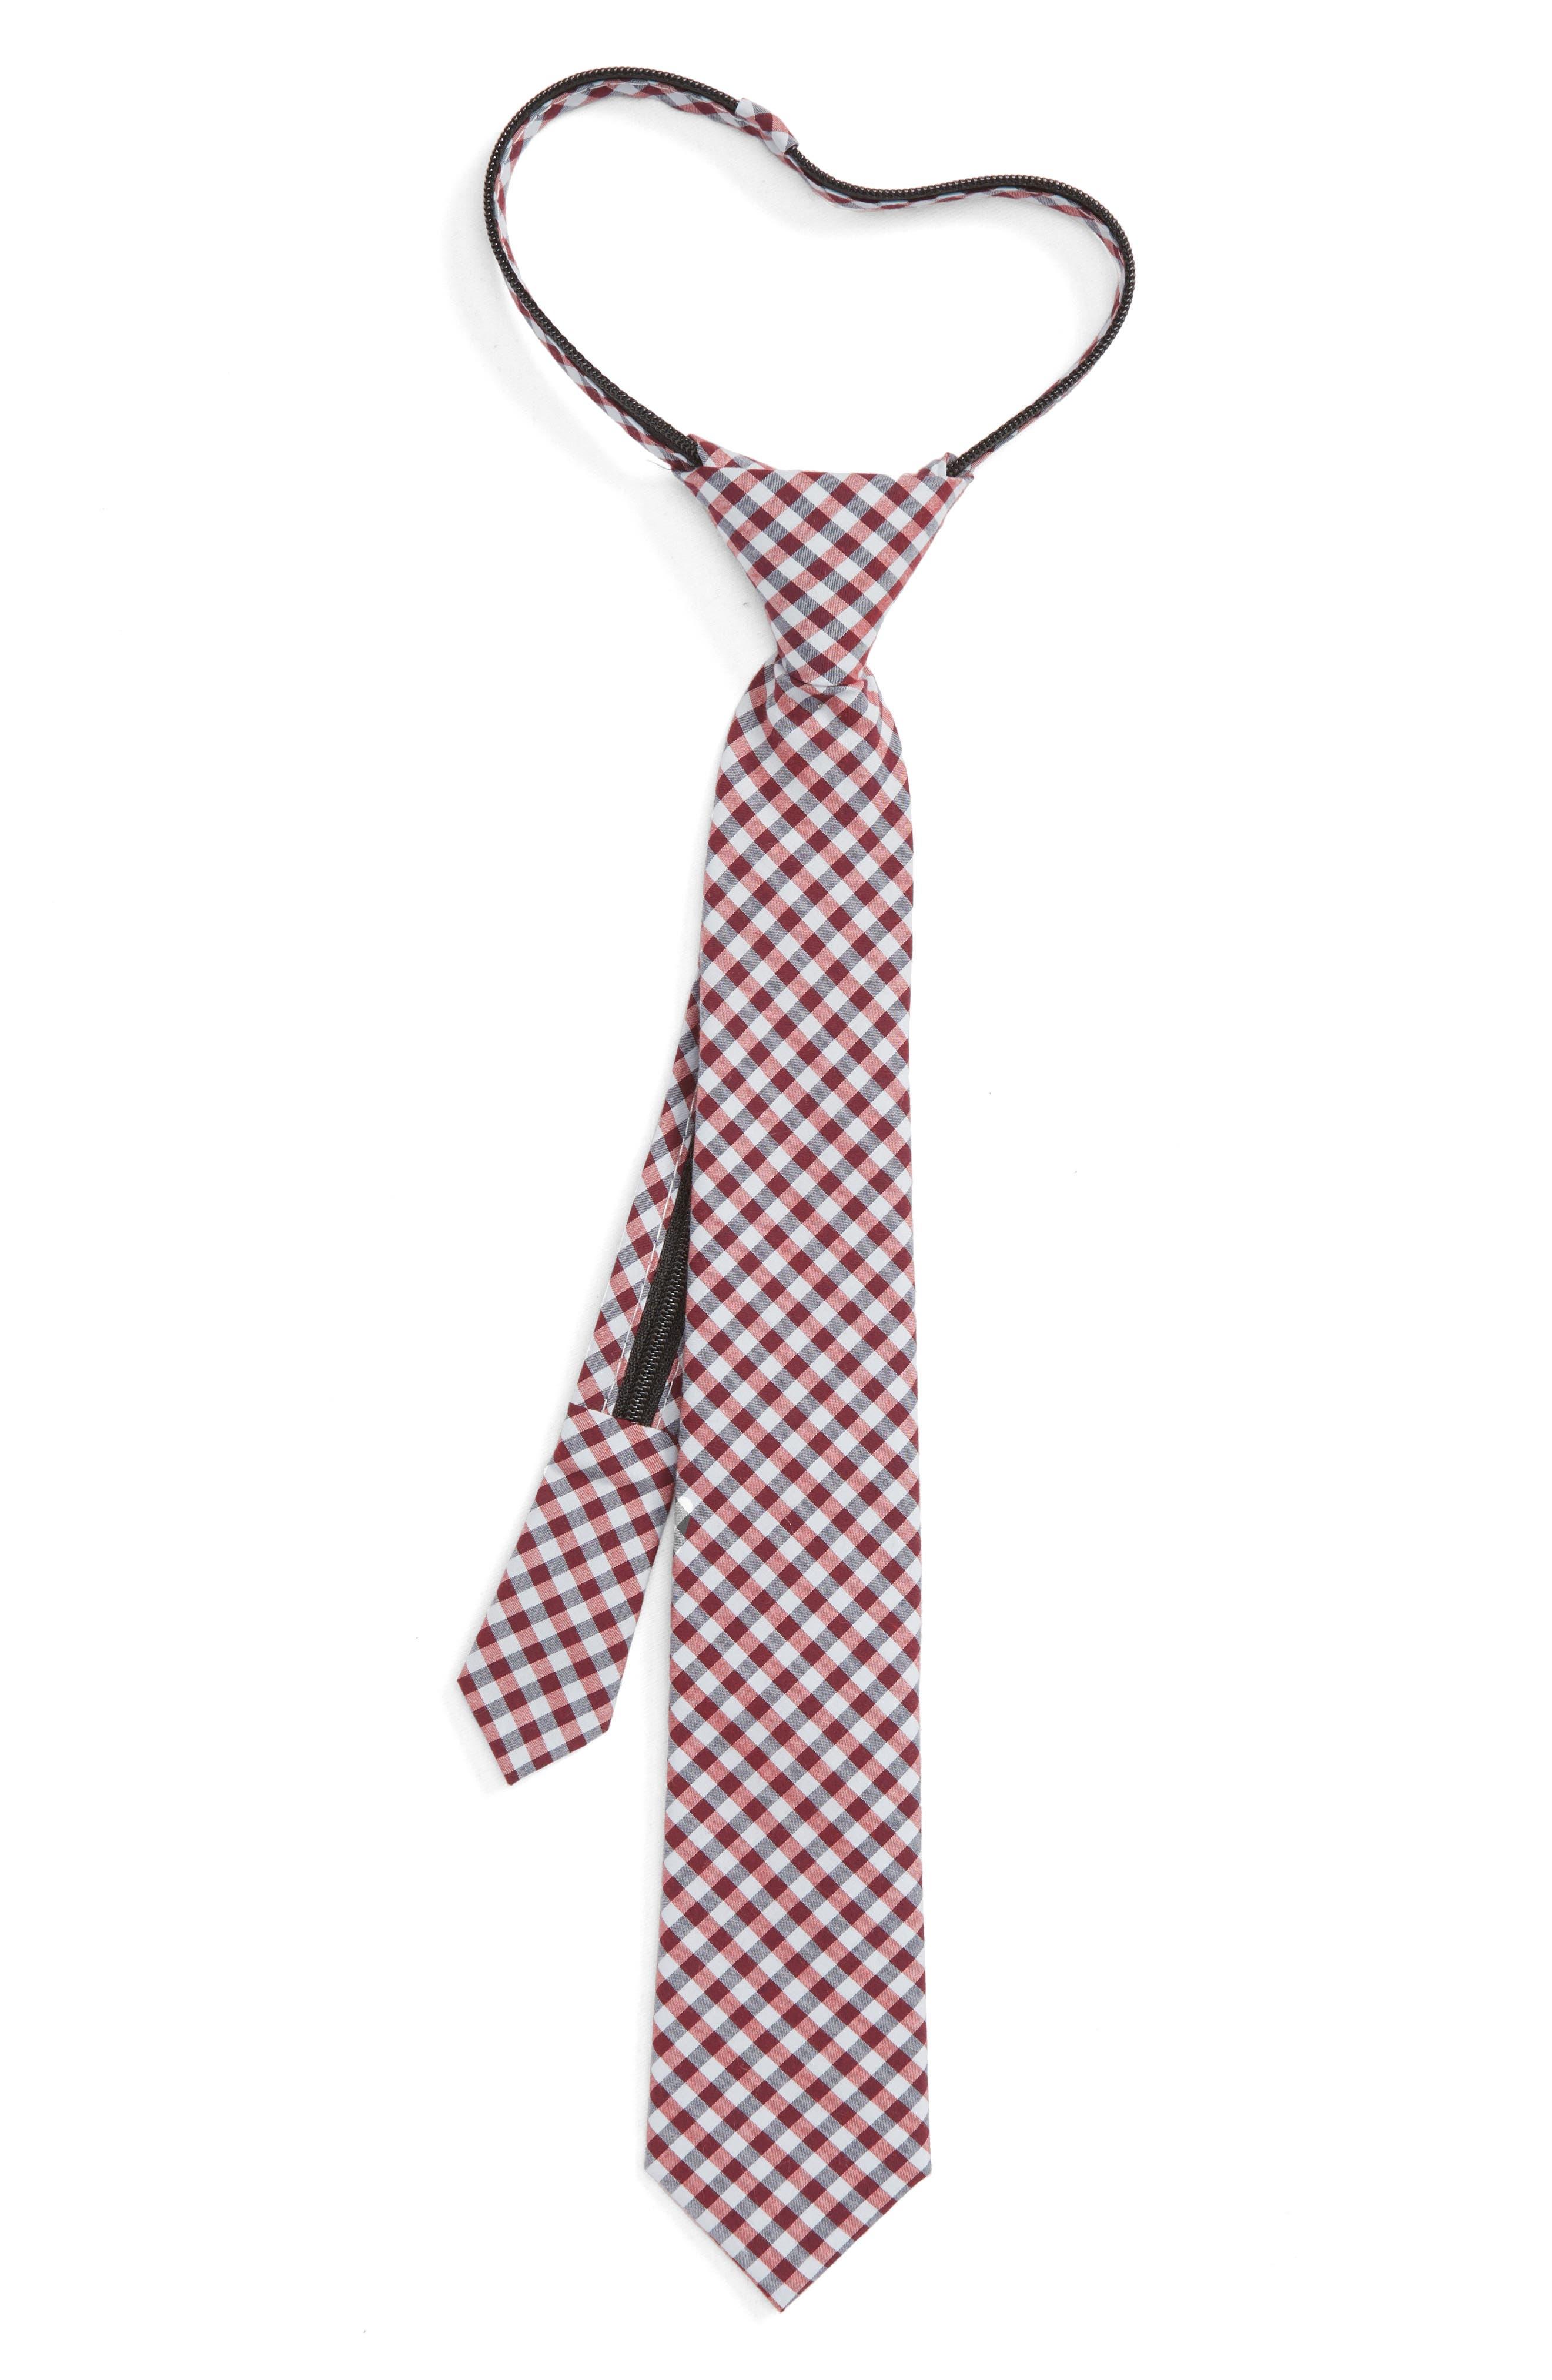 Plaid Cotton Zip Tie,                         Main,                         color, RED